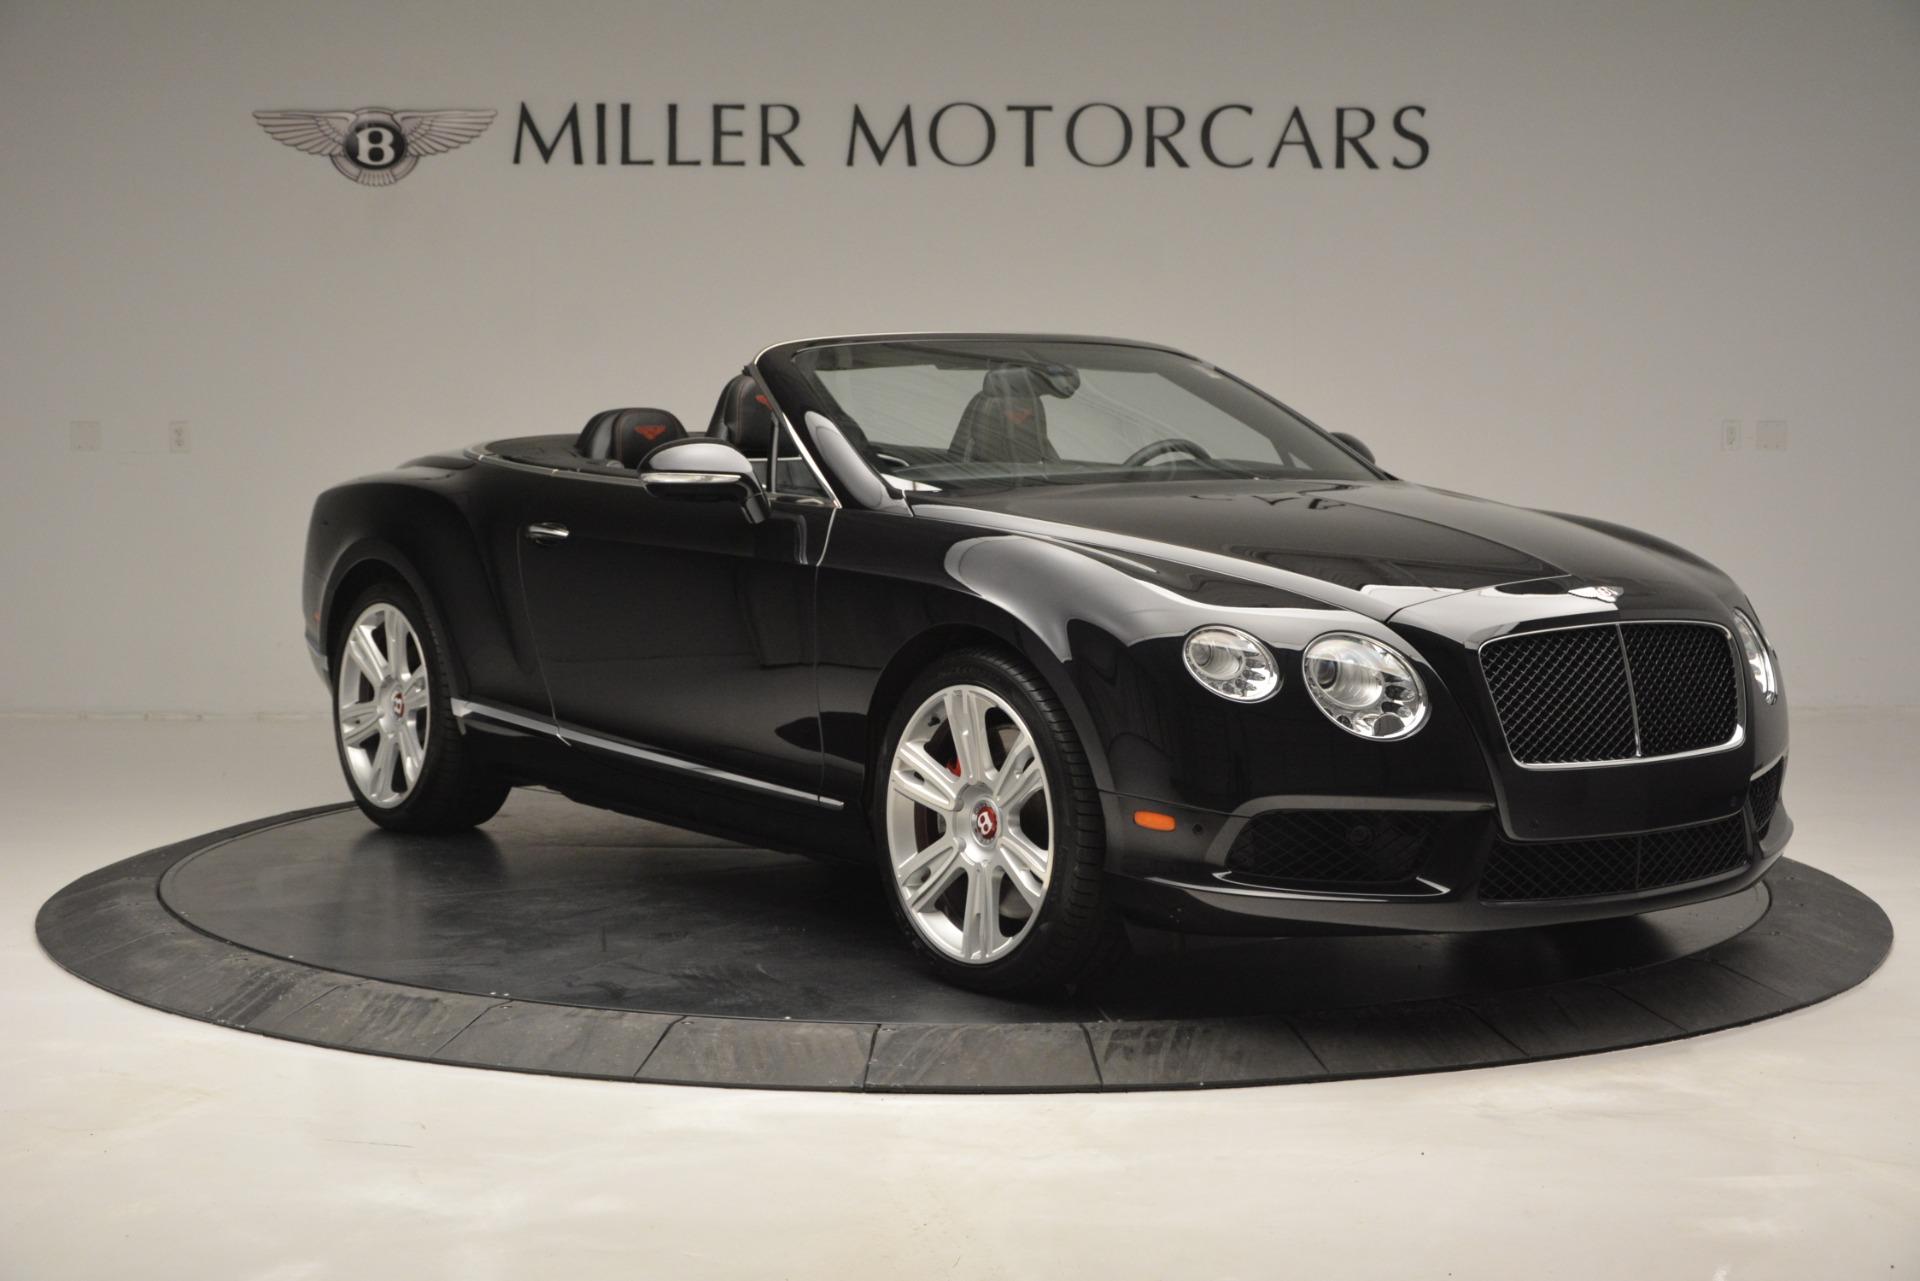 Bentley Lease Specials Miller Motorcars New Bentley Dealership